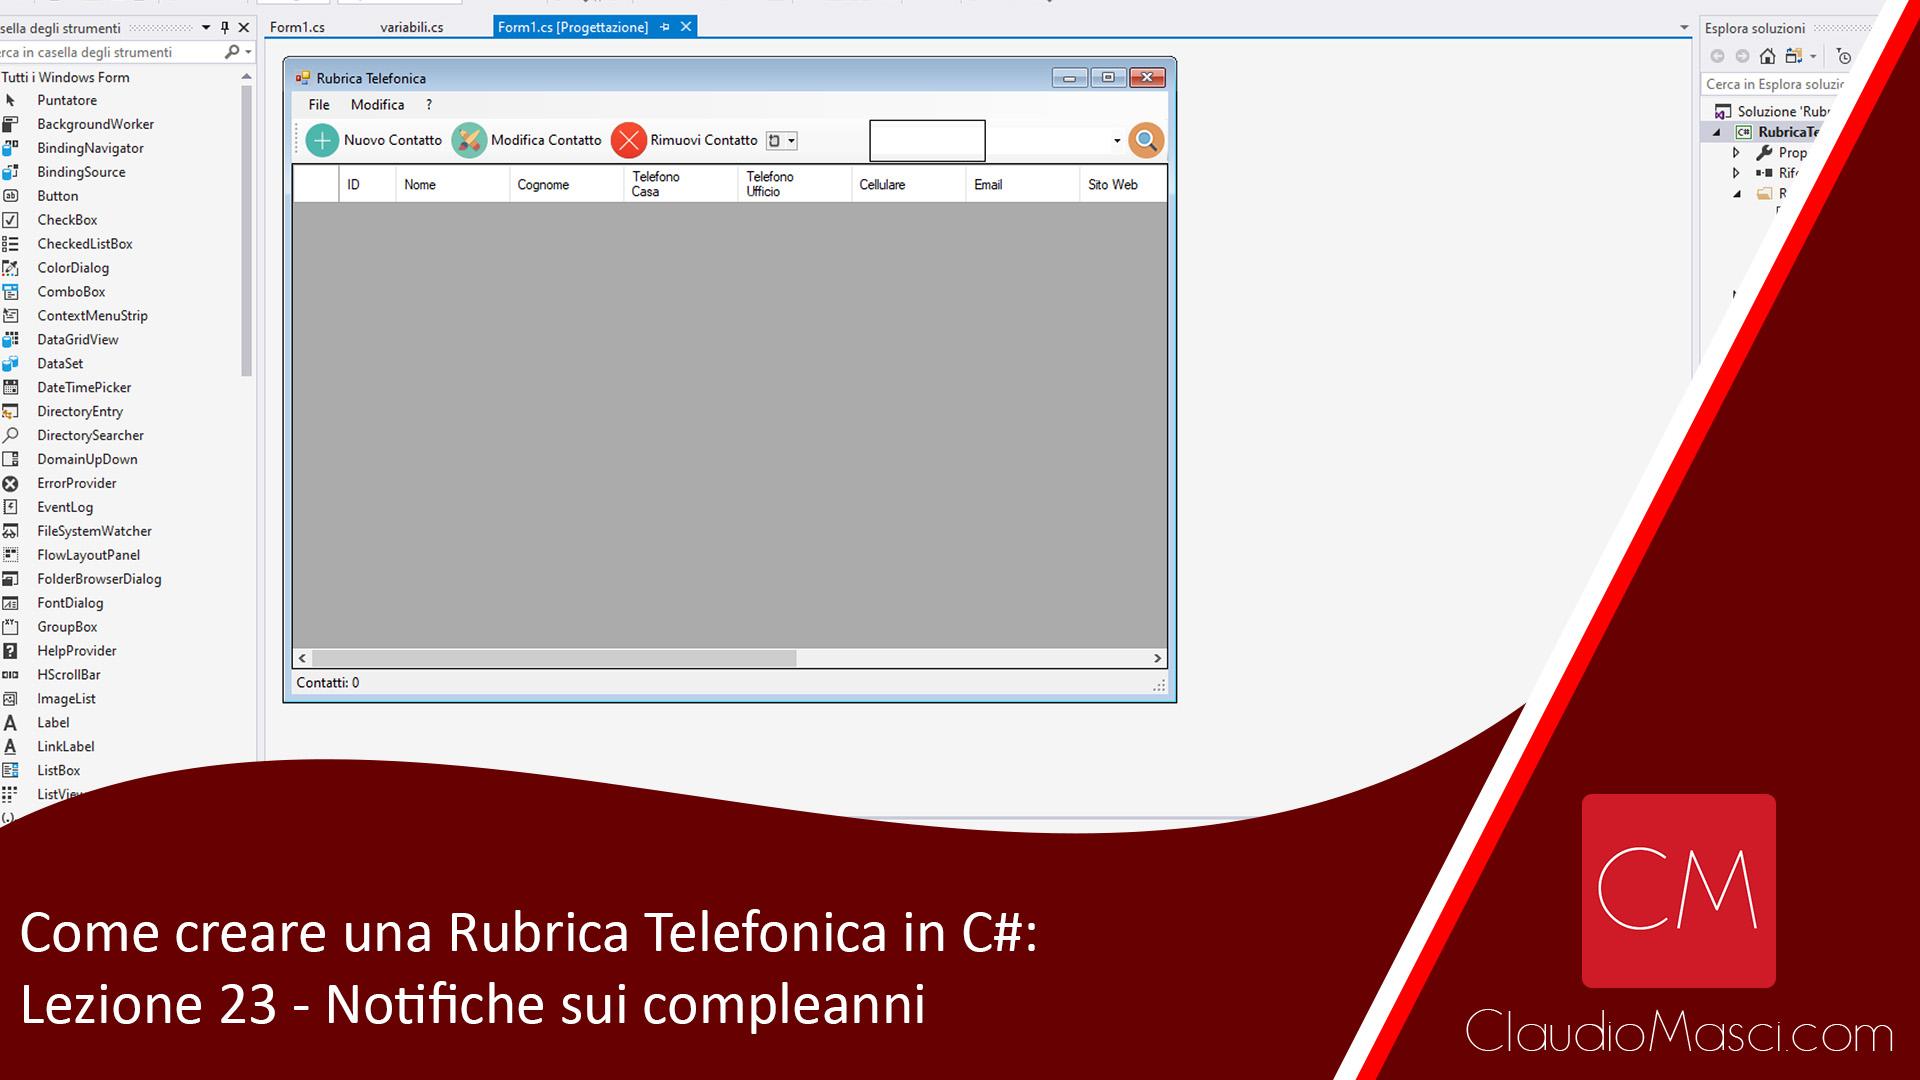 Come creare una Rubrica Telefonica in C# – #23 – Notifiche sui compleanni